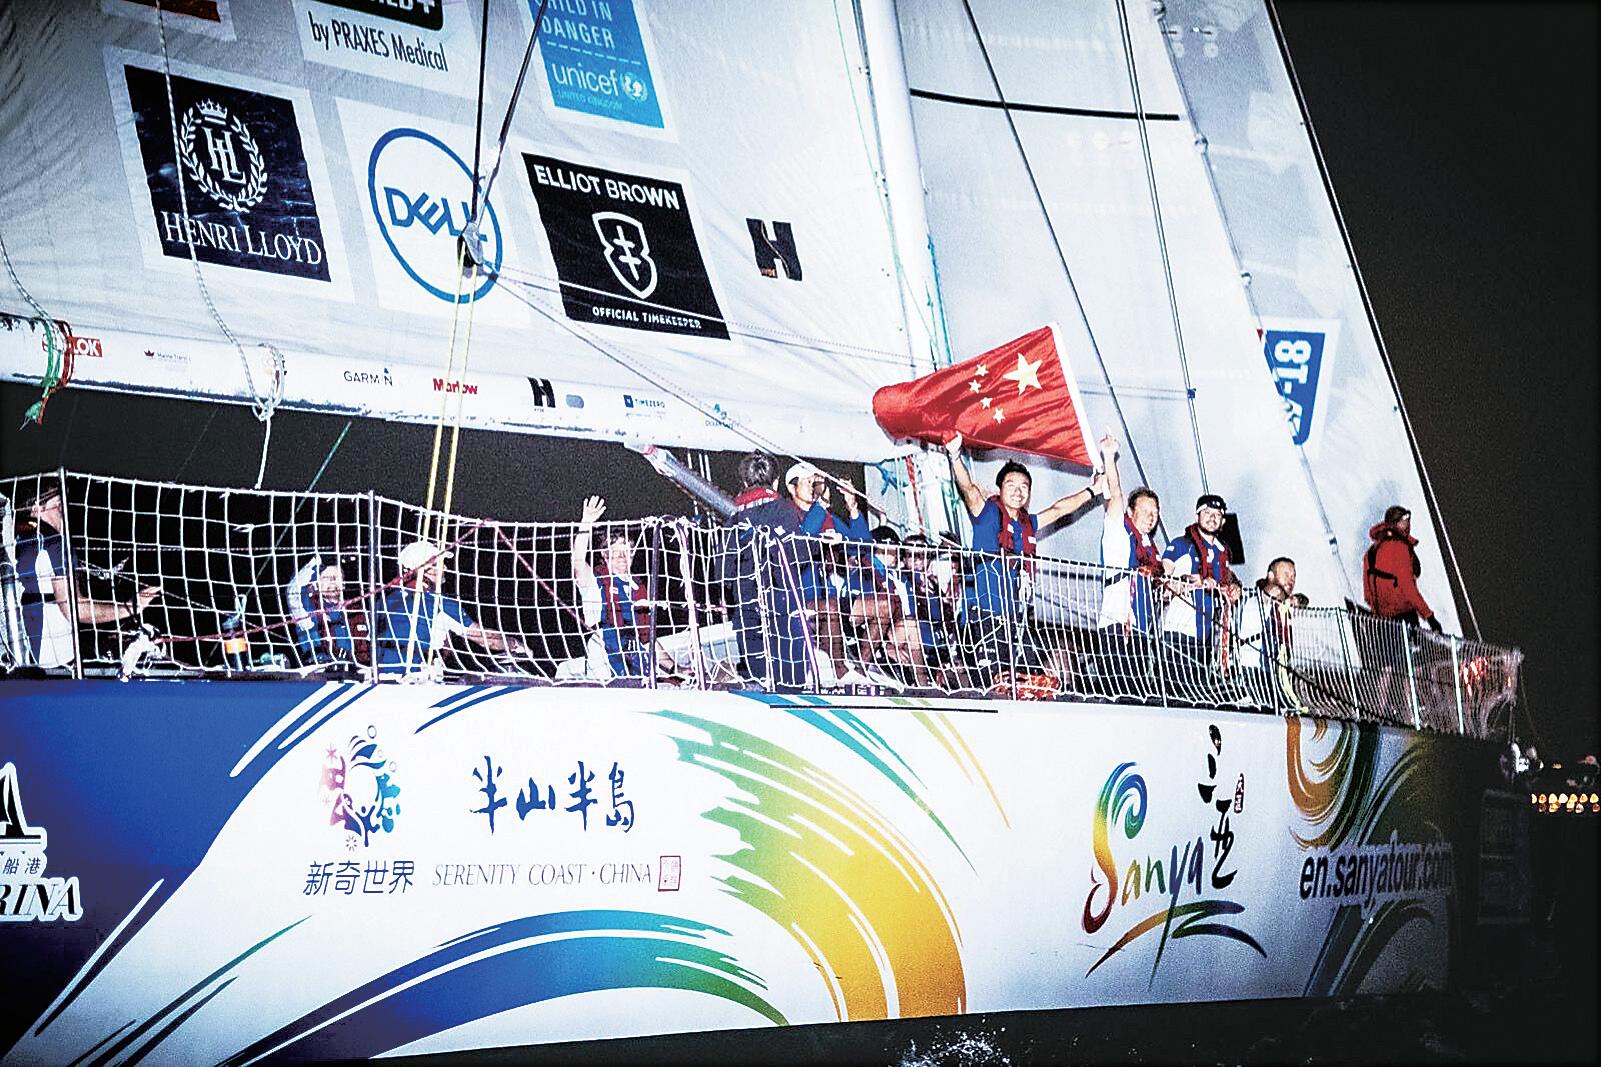 即日起至3月4日 全球水手共聚克利伯环球帆船赛三亚嘉年华